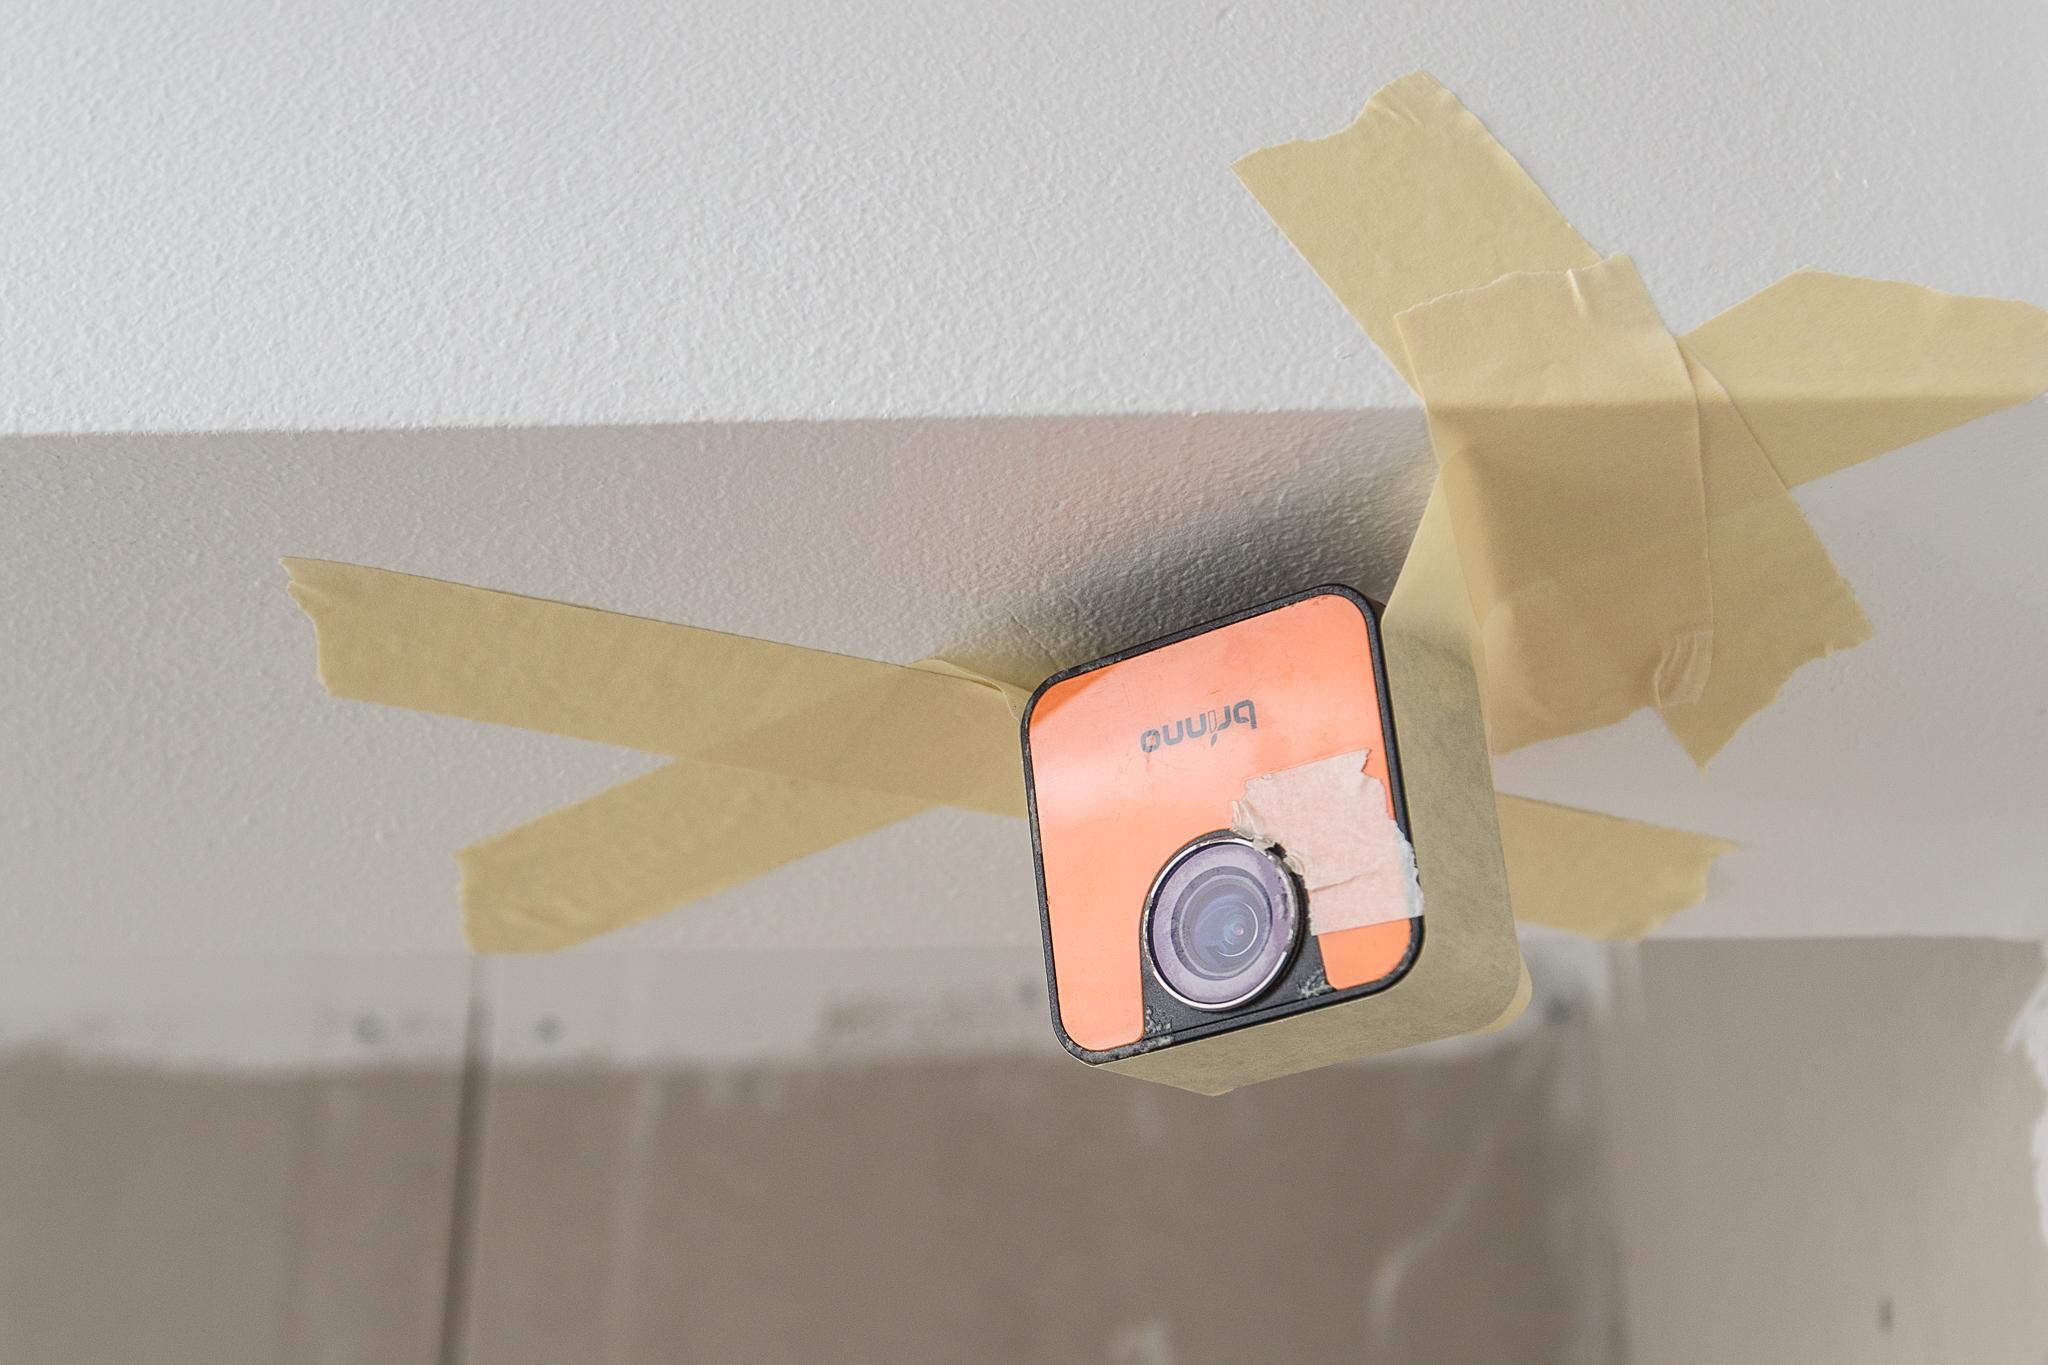 Jag har monterat en timelapse-kamera i taket i badrummet för att skapa en film på nån minut där man ser badrummet växa fram. Kika in om en vecka så ska den nog ligga uppe!